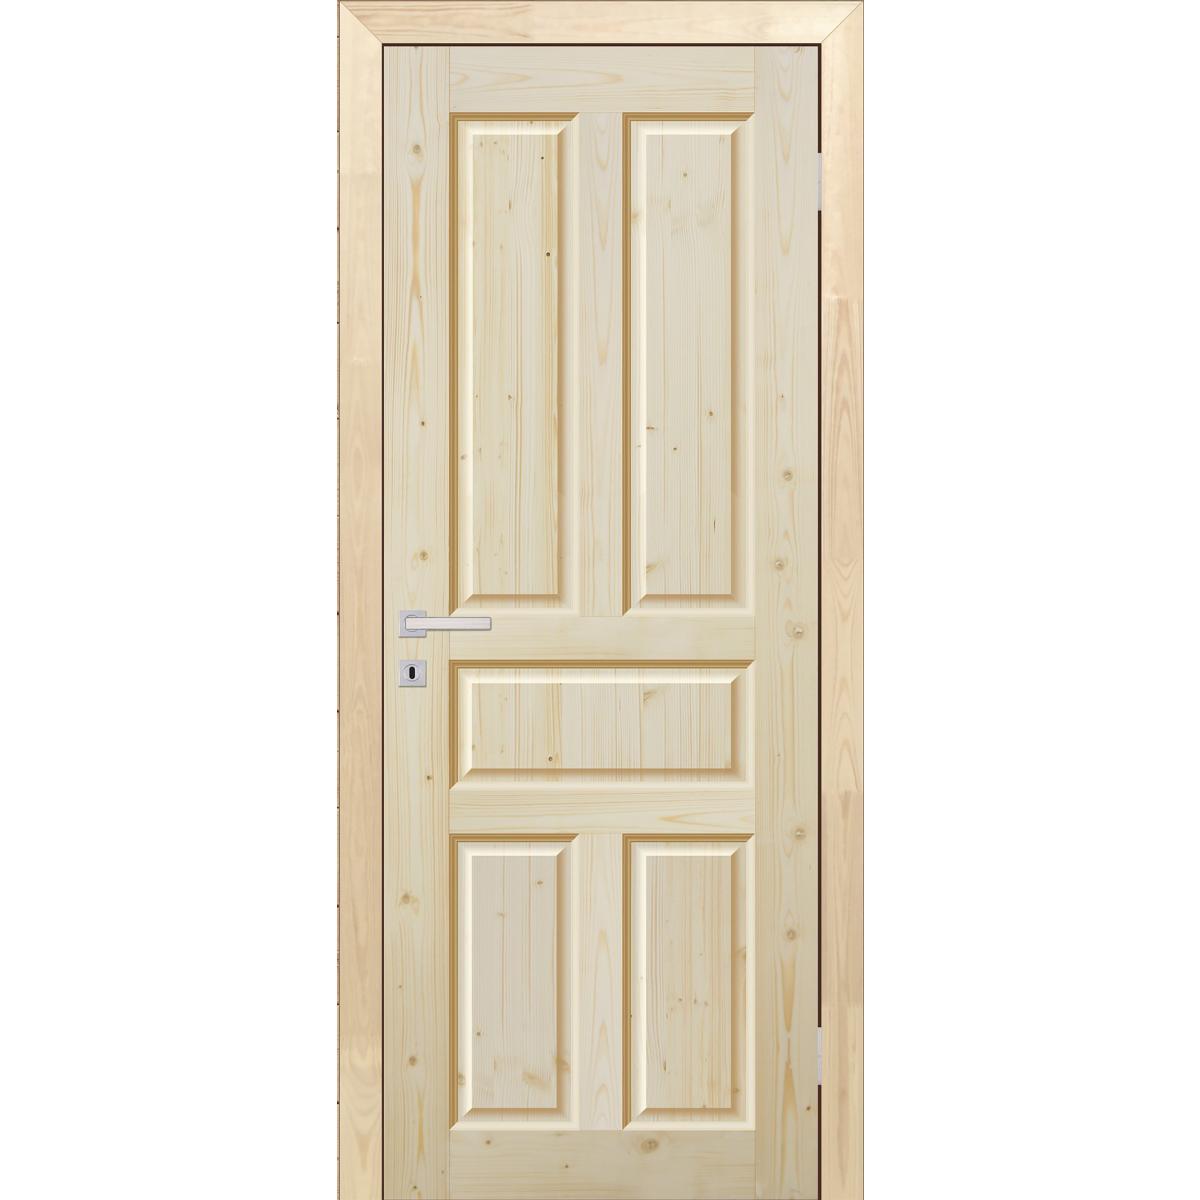 Дверь Межкомнатная Глухая Кантри 70x200 Массив Хвои Цвет Натуральный